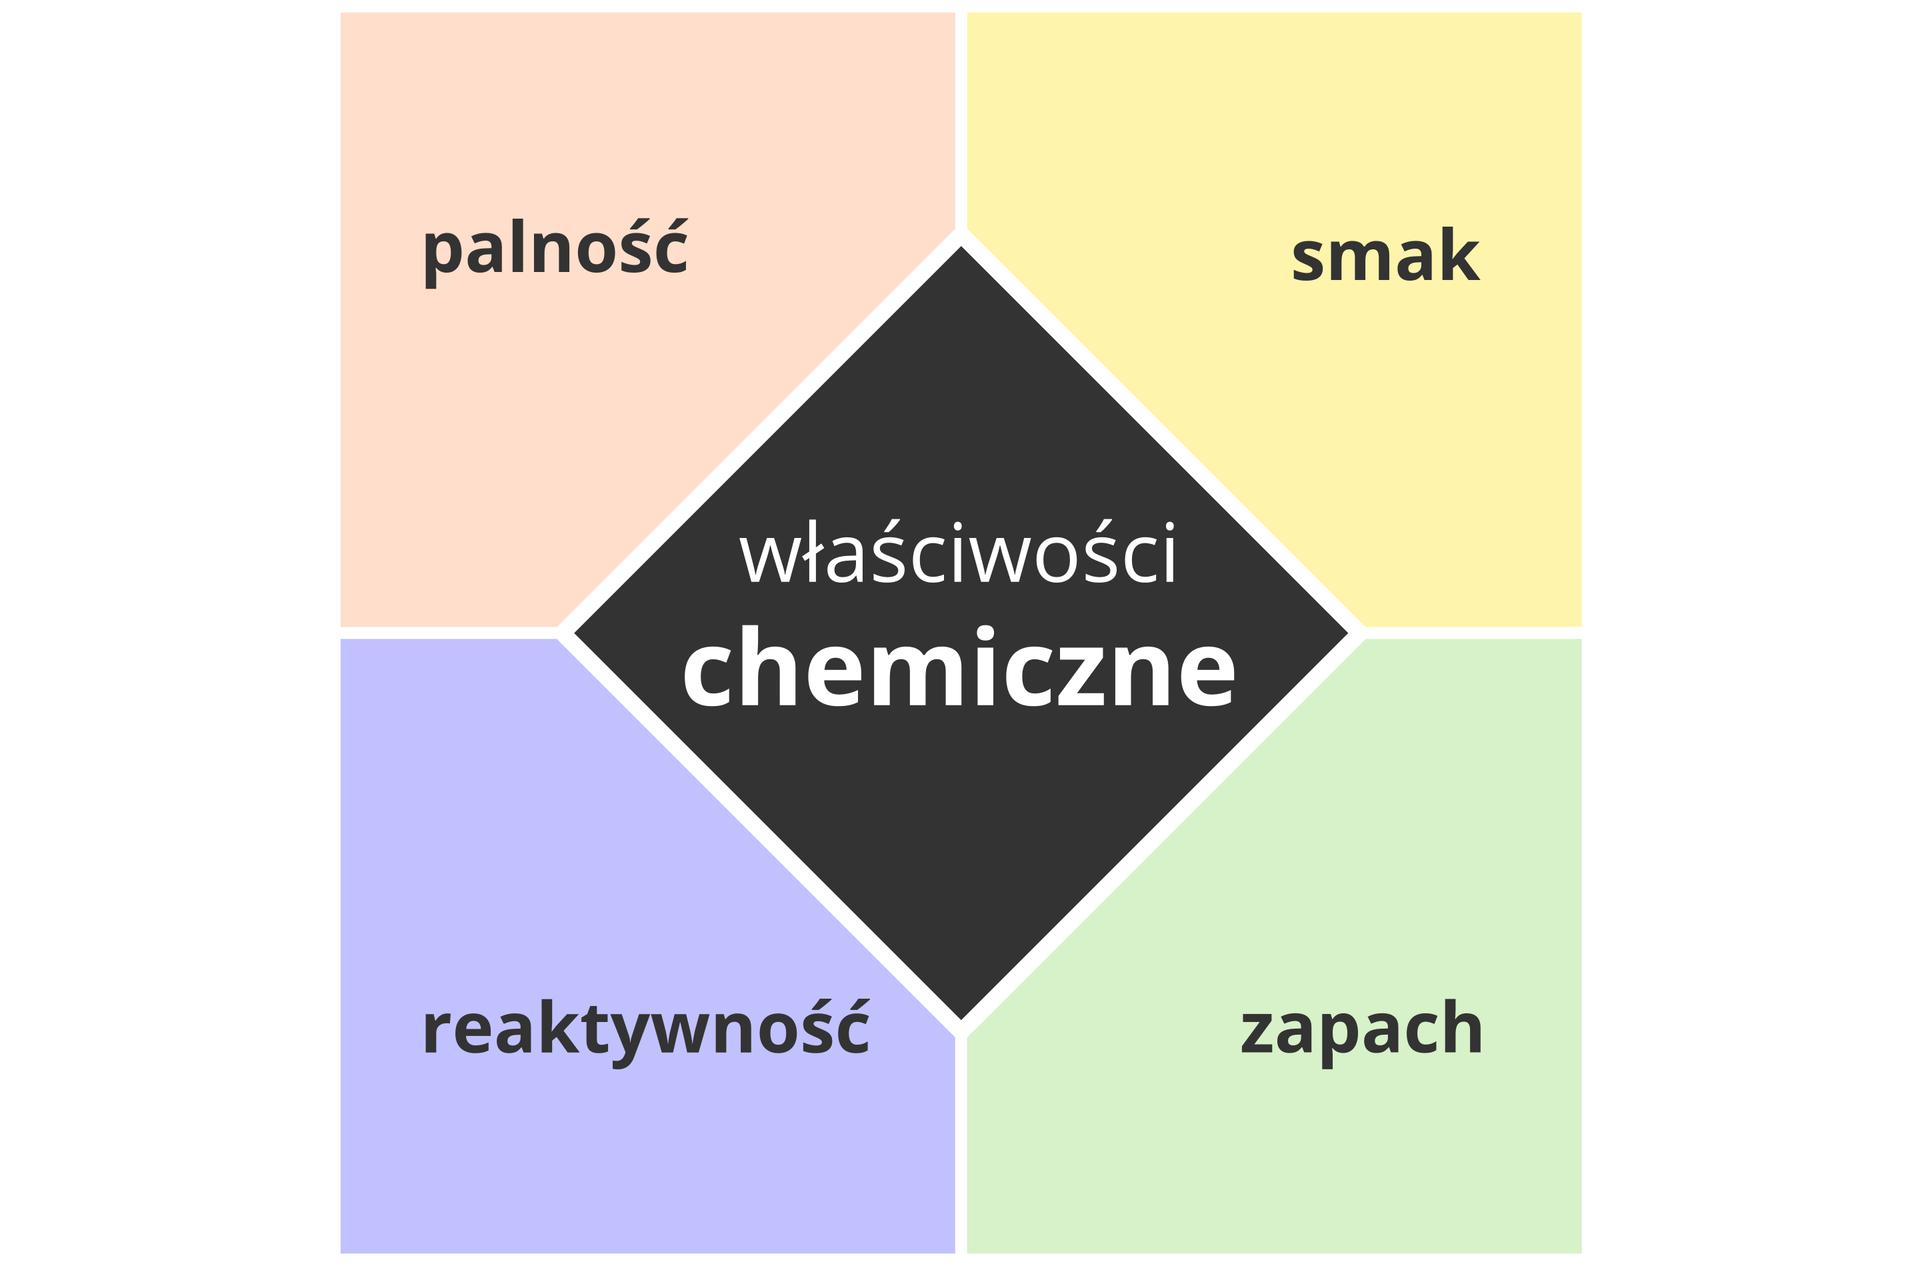 """Schemat przedstawia listę właściwości chemicznych substancji. Jego środkową część stanowi czarne pole wkształcie rombu znapisem """"właściwości chemiczne"""". Wokół niego rozmieszczone są przylegające do siebie różnobarwne pola układające się wkwadrat opisane kolejno, licząc od góry wkierunku ruchu wskazówek zegara, jako: smak, zapach, reaktywność ipalność."""